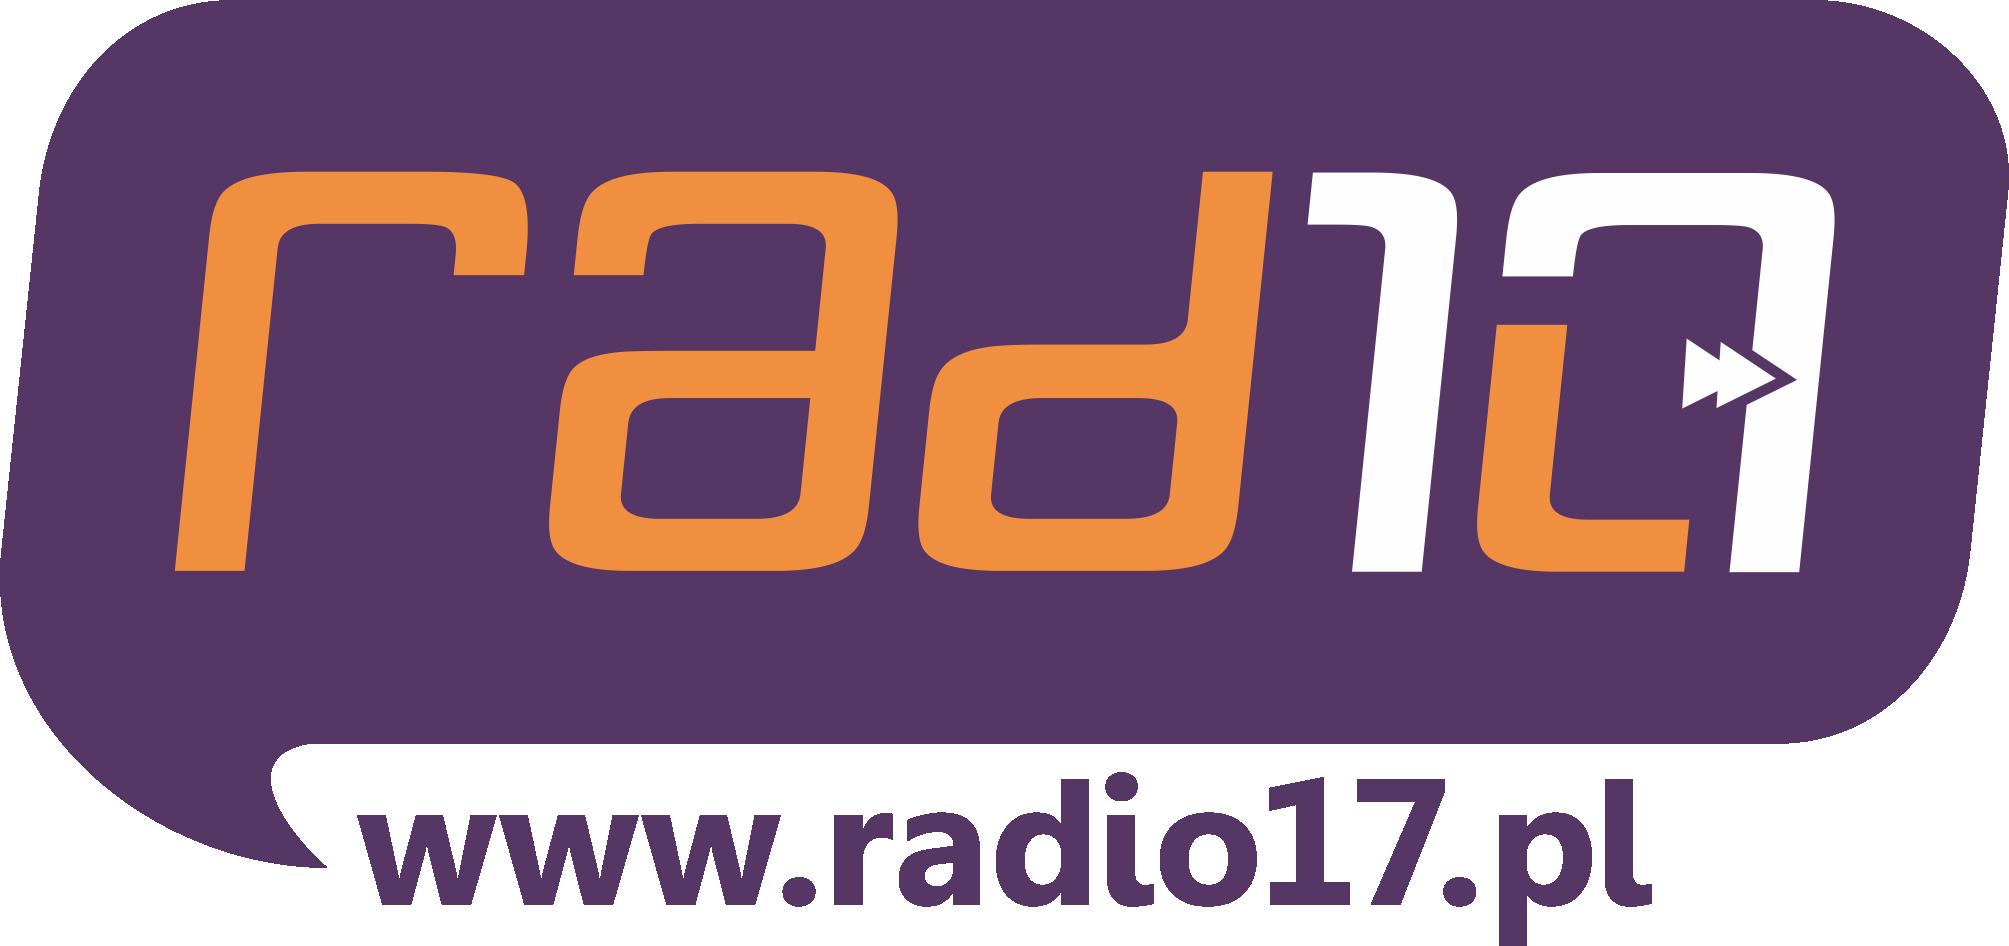 Radio 17